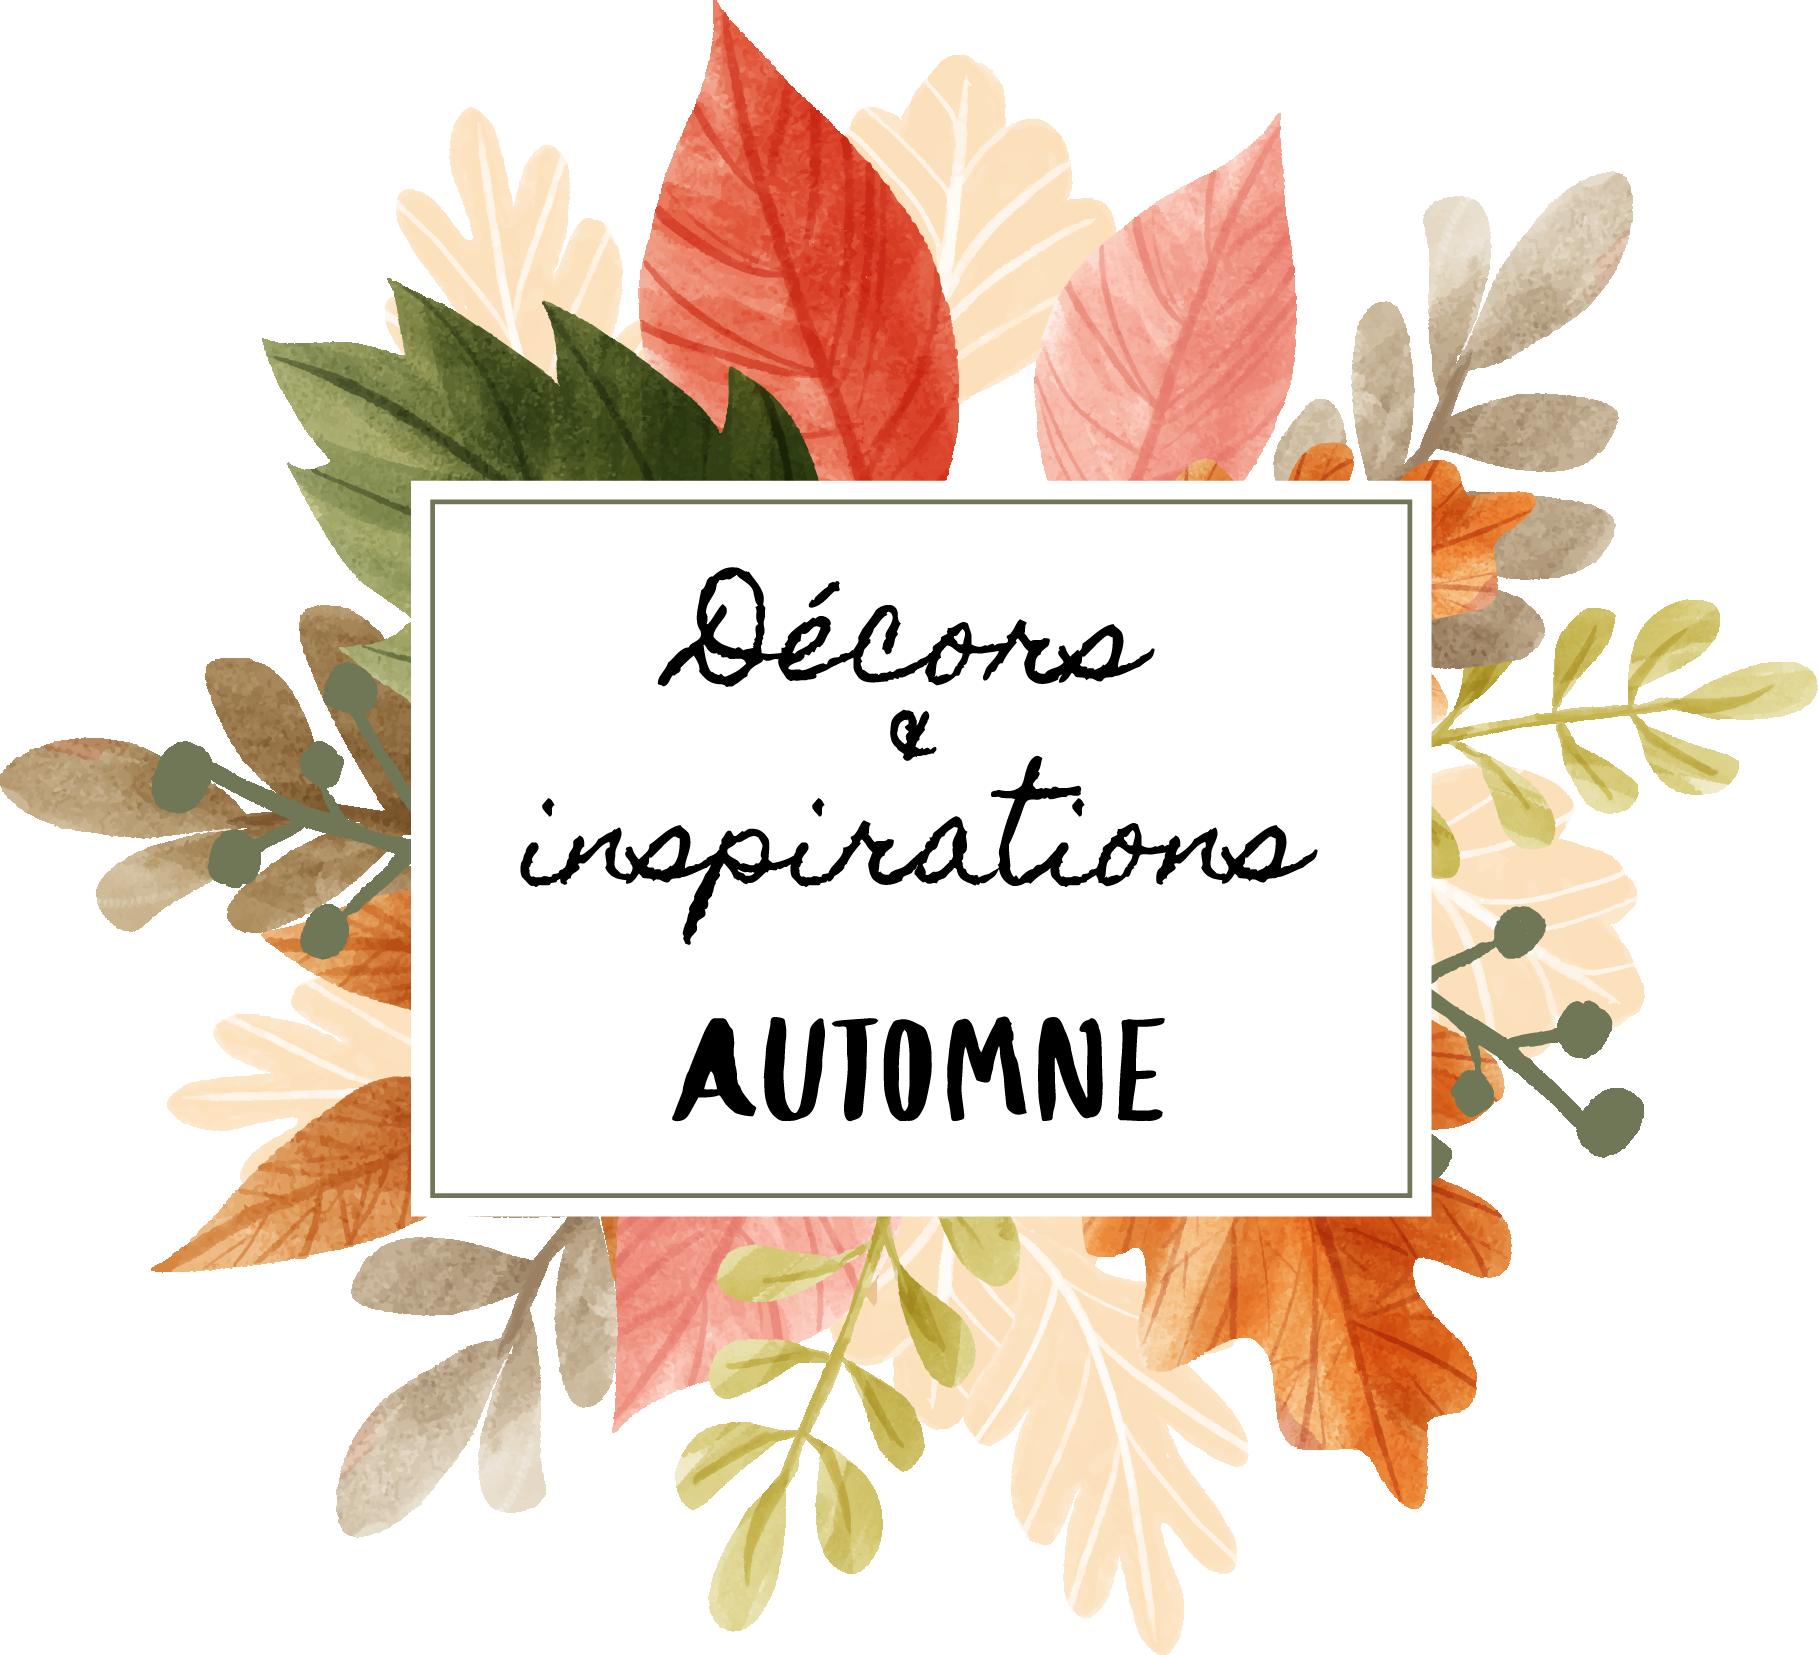 Décors et inspiration Automne 2019